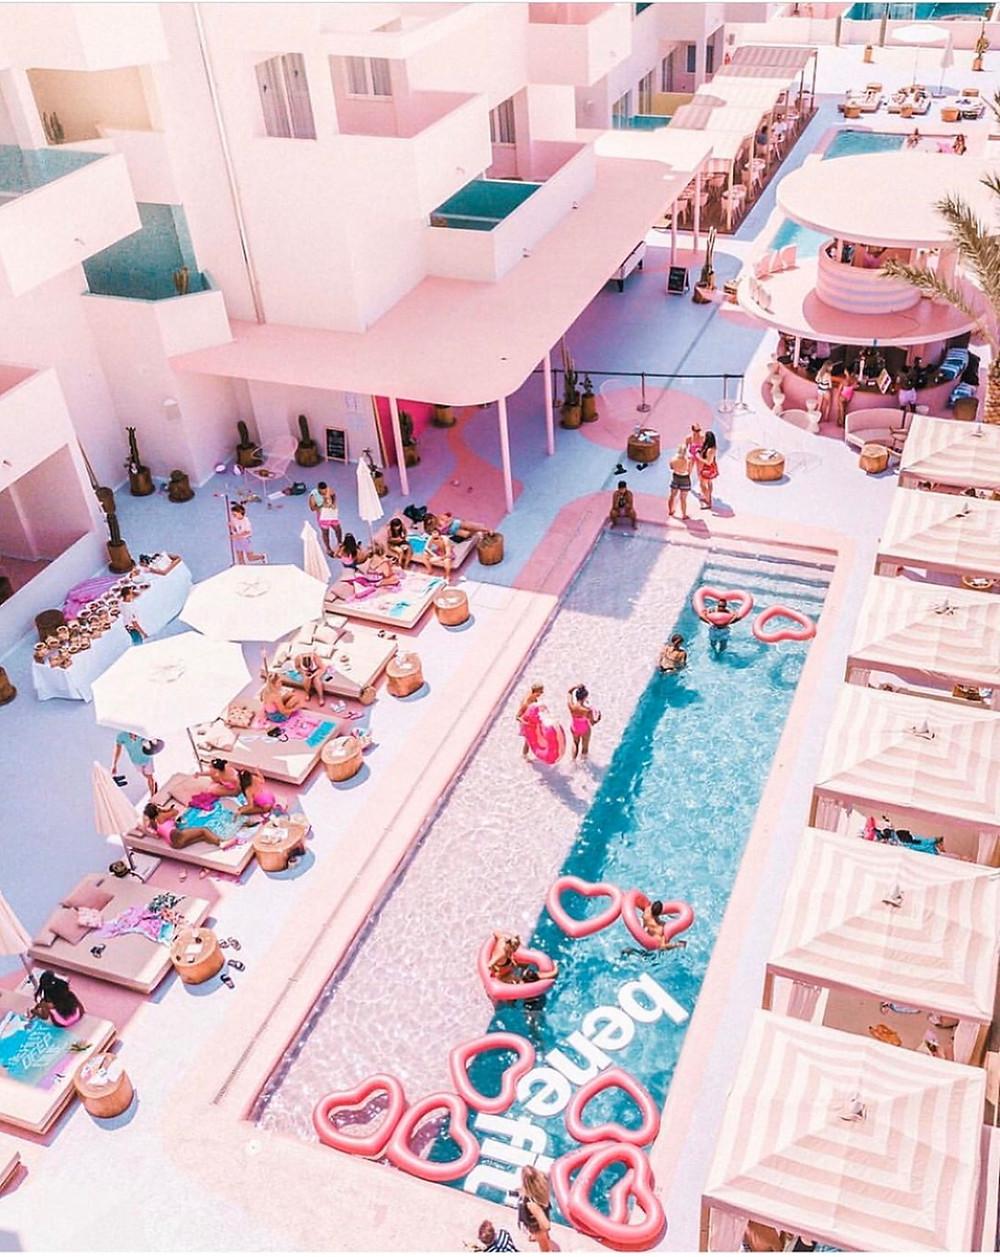 Paradisco Ibiza Art Hotel (Ibiza)